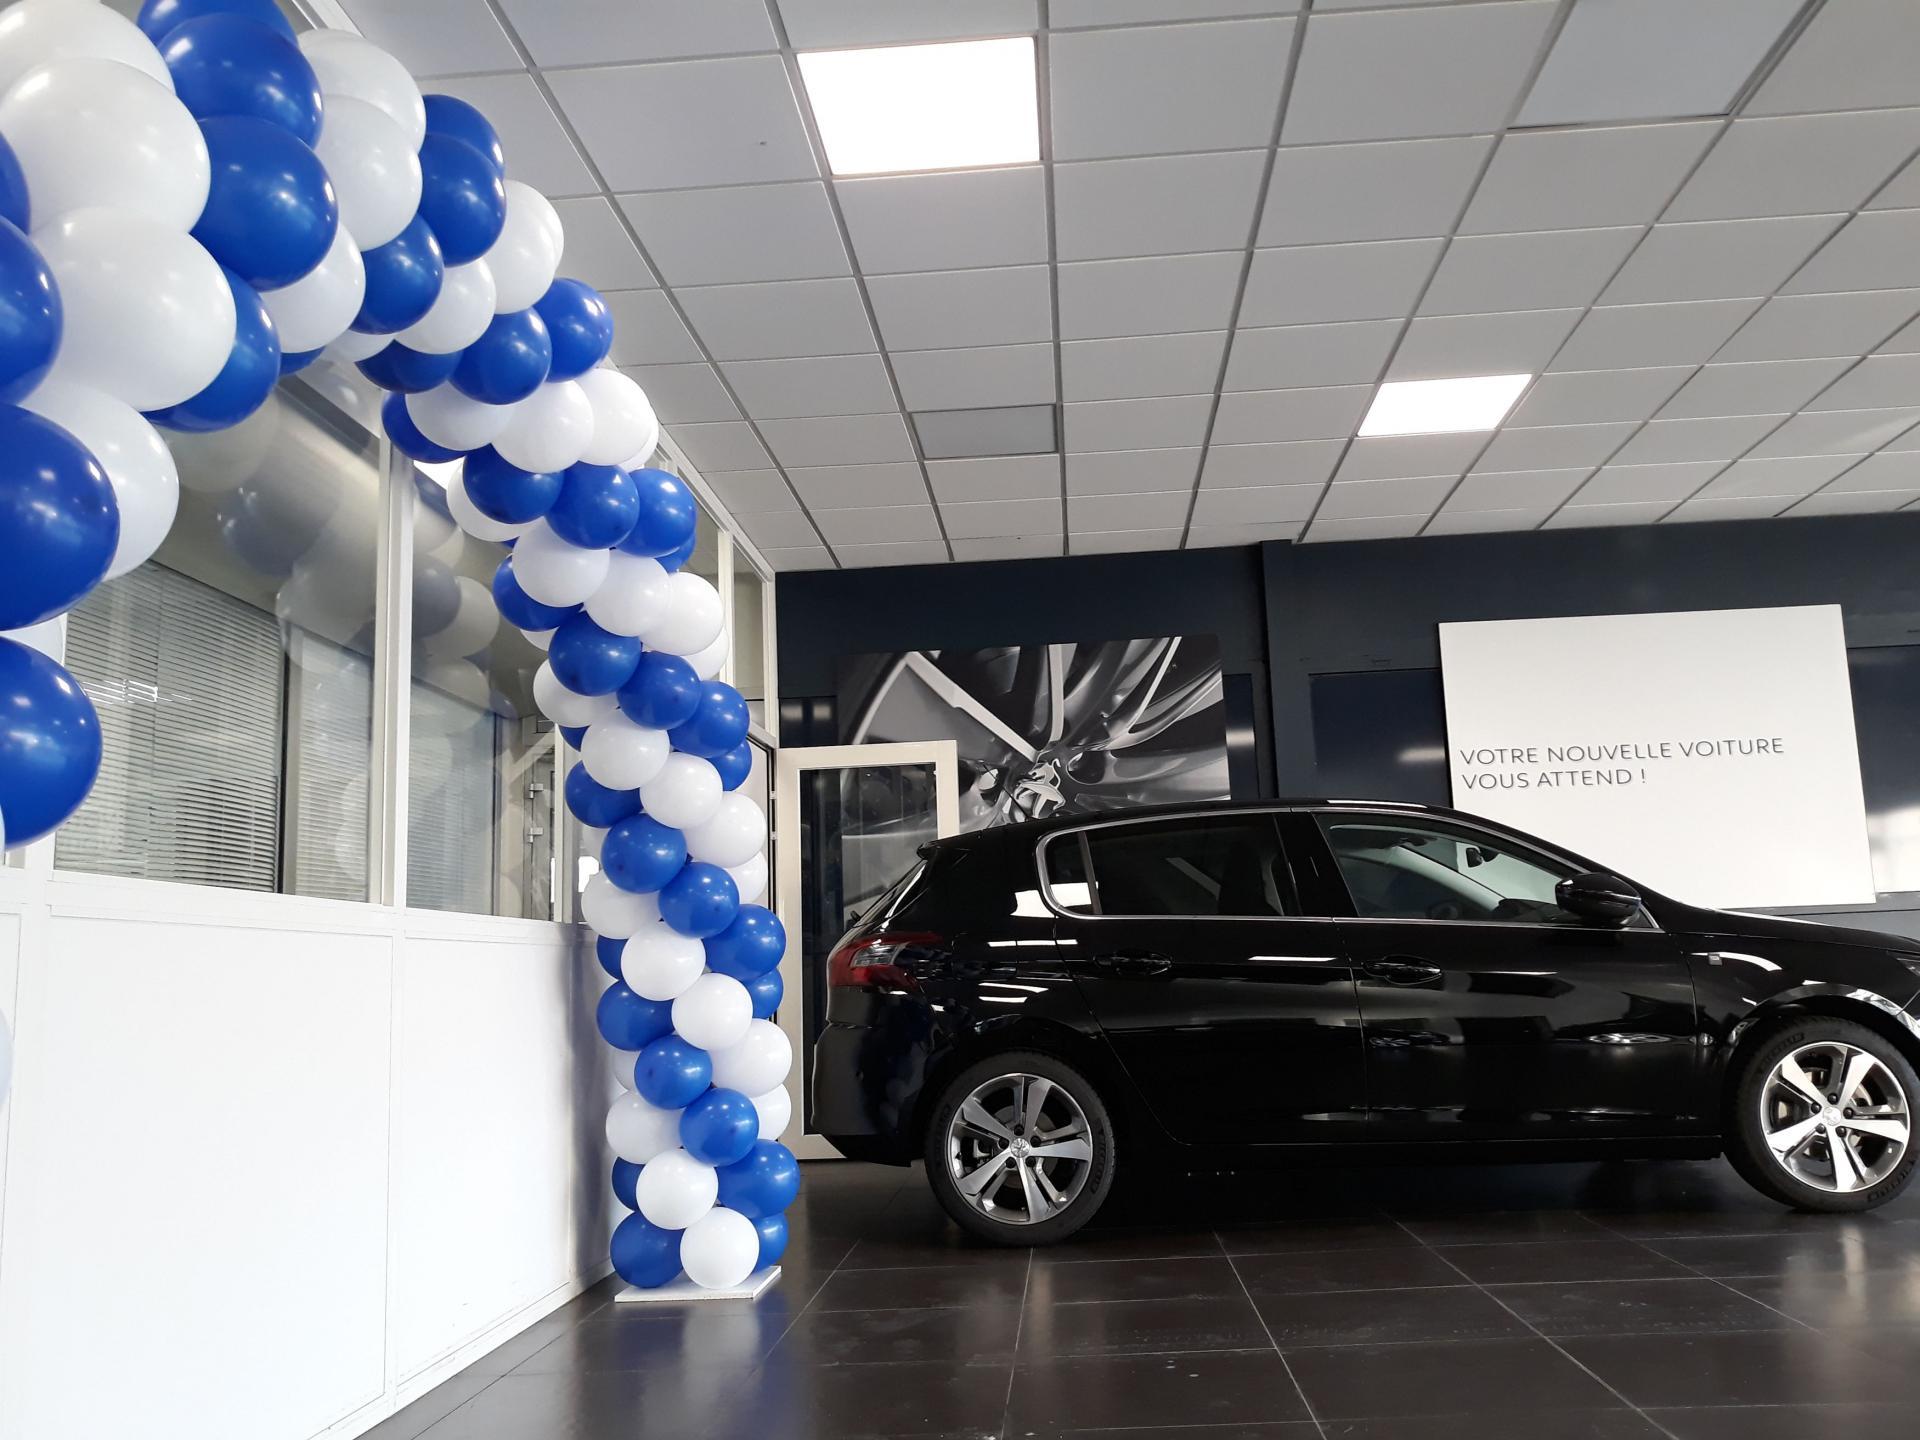 Arche ballon portes ouvertes Peugeot